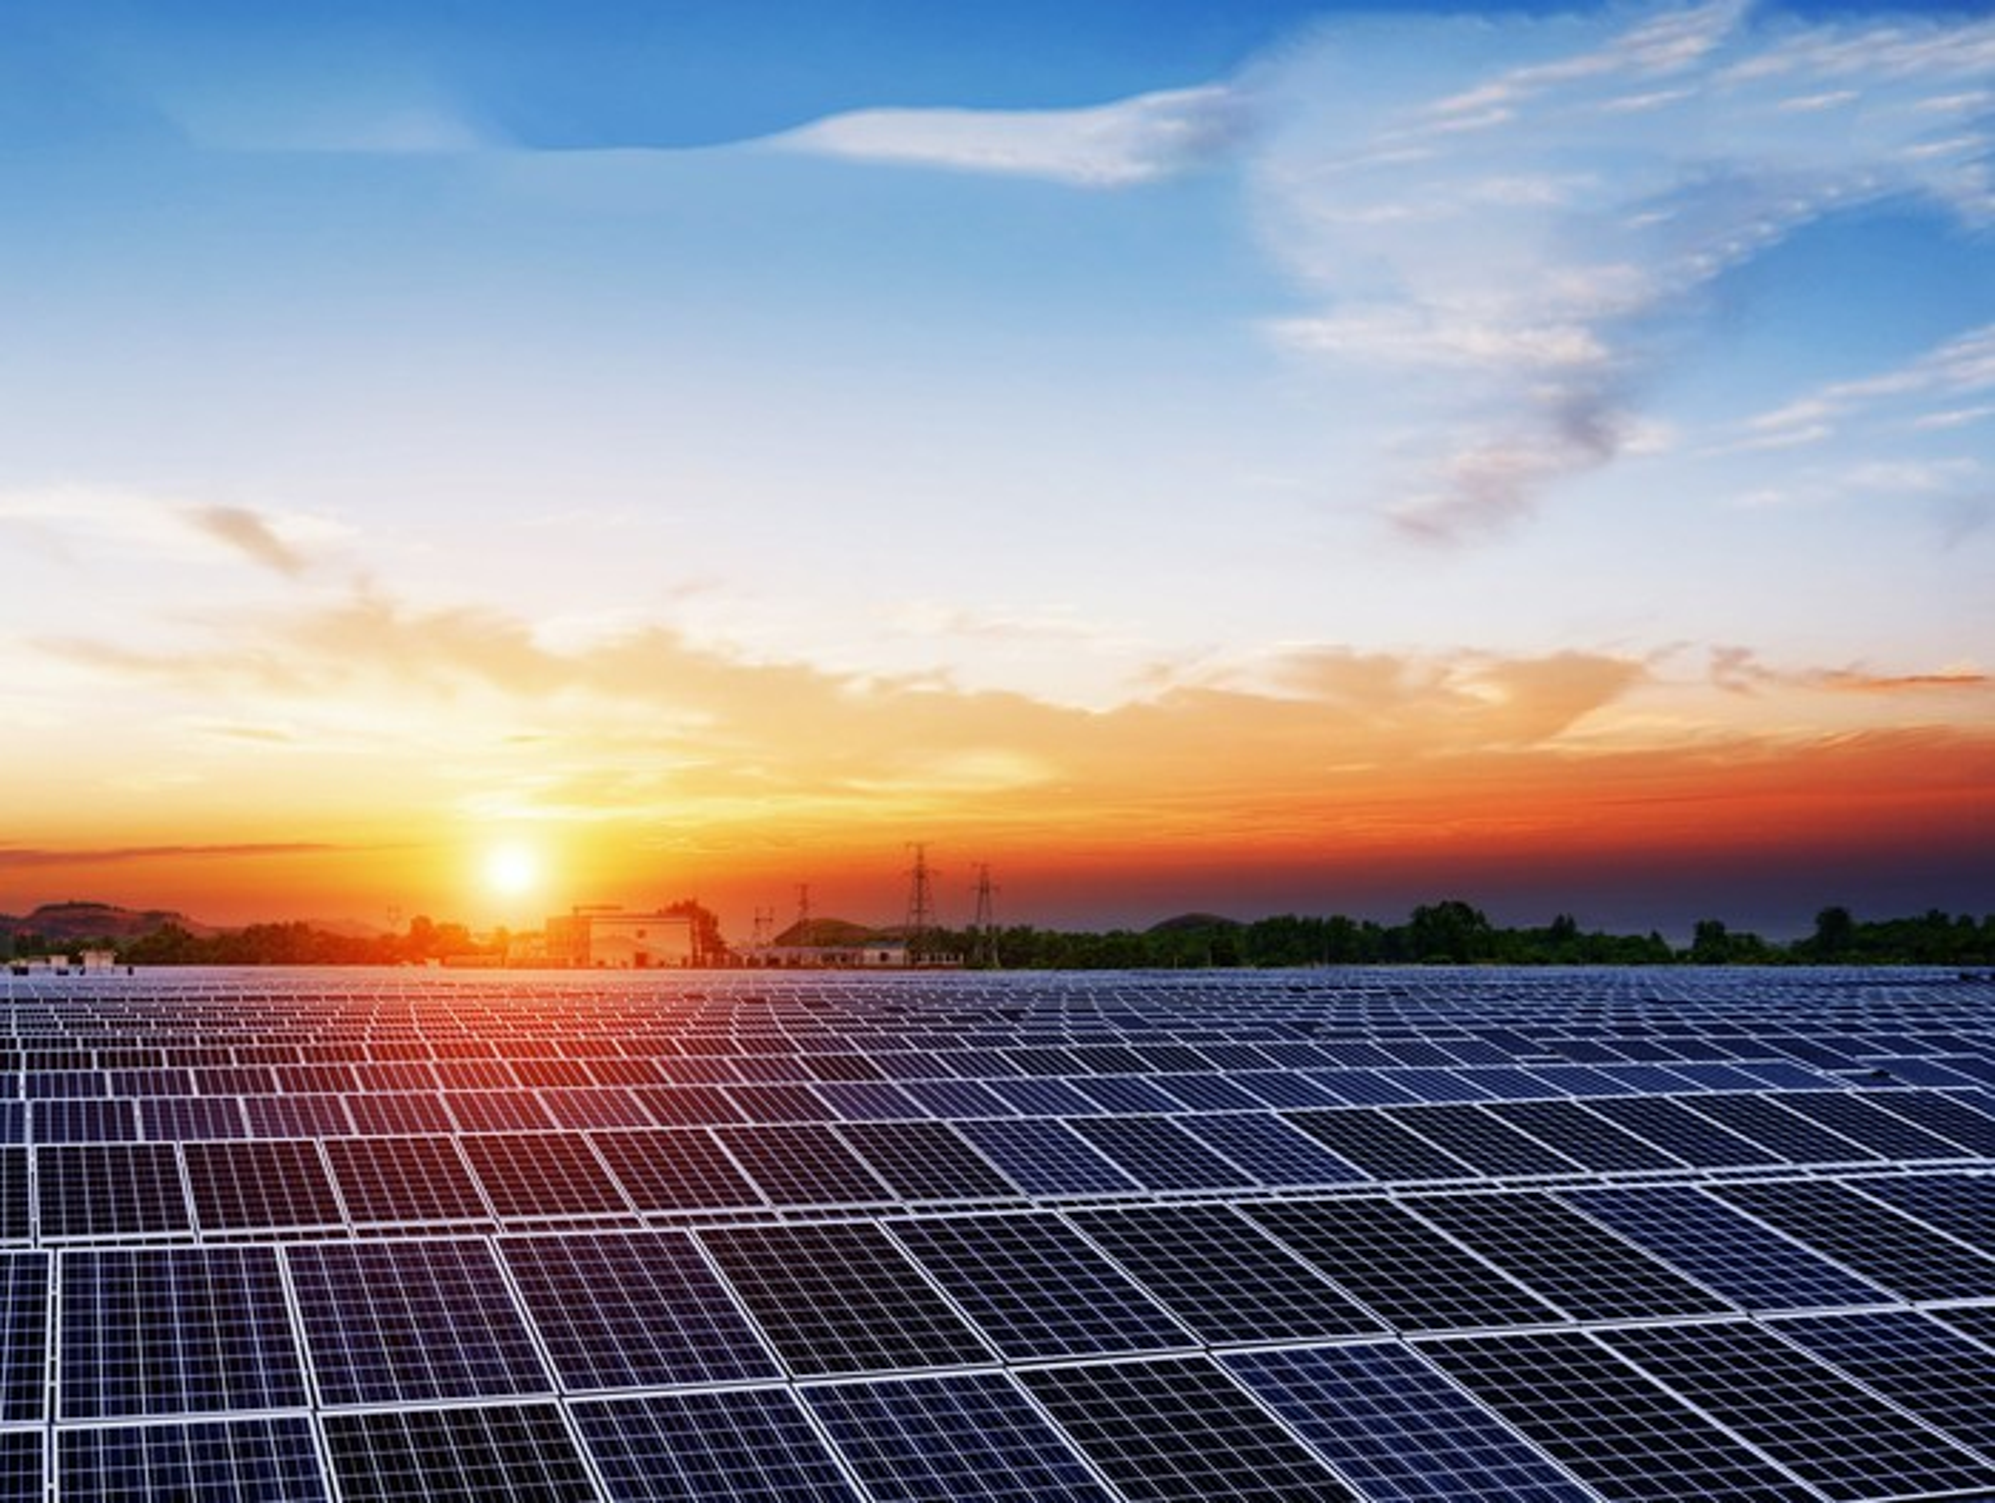 A large solar farm at dusk.